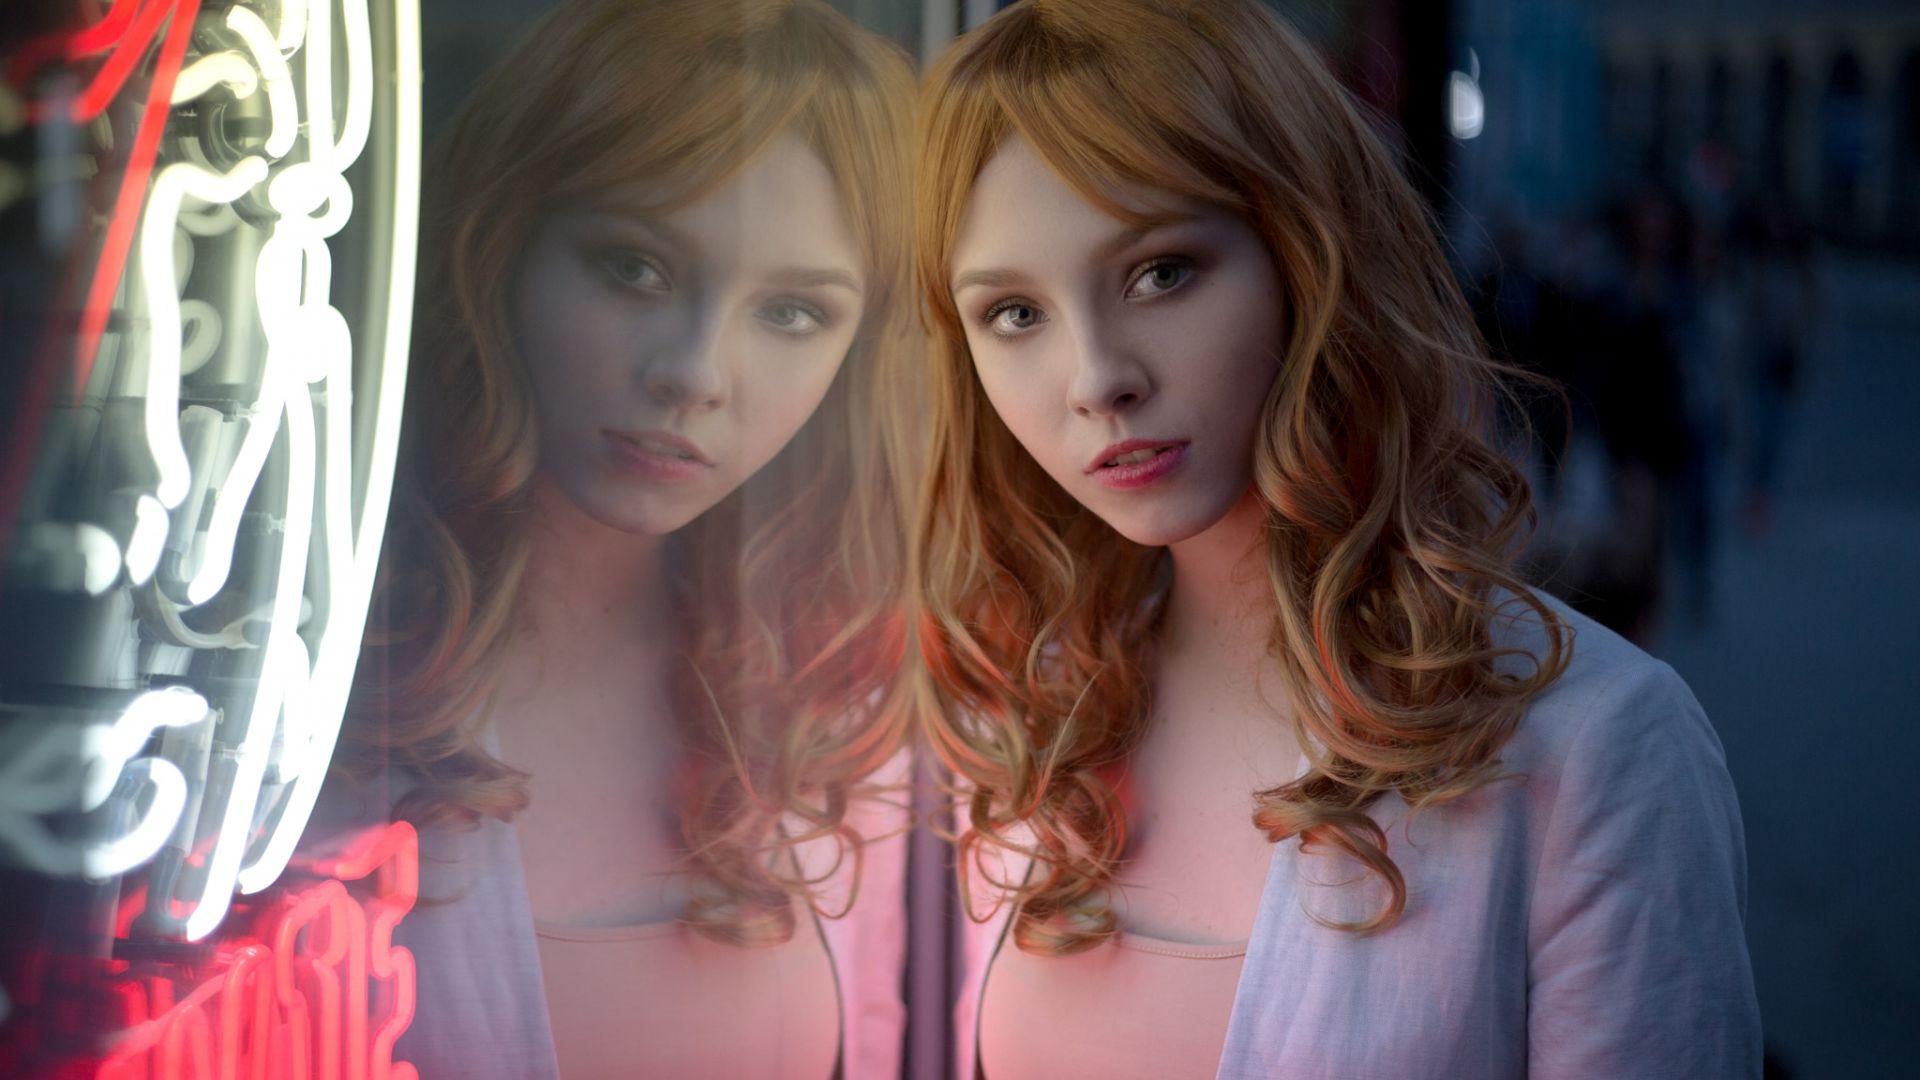 Wallpaper Alice Tarasenko, girl model, reflections